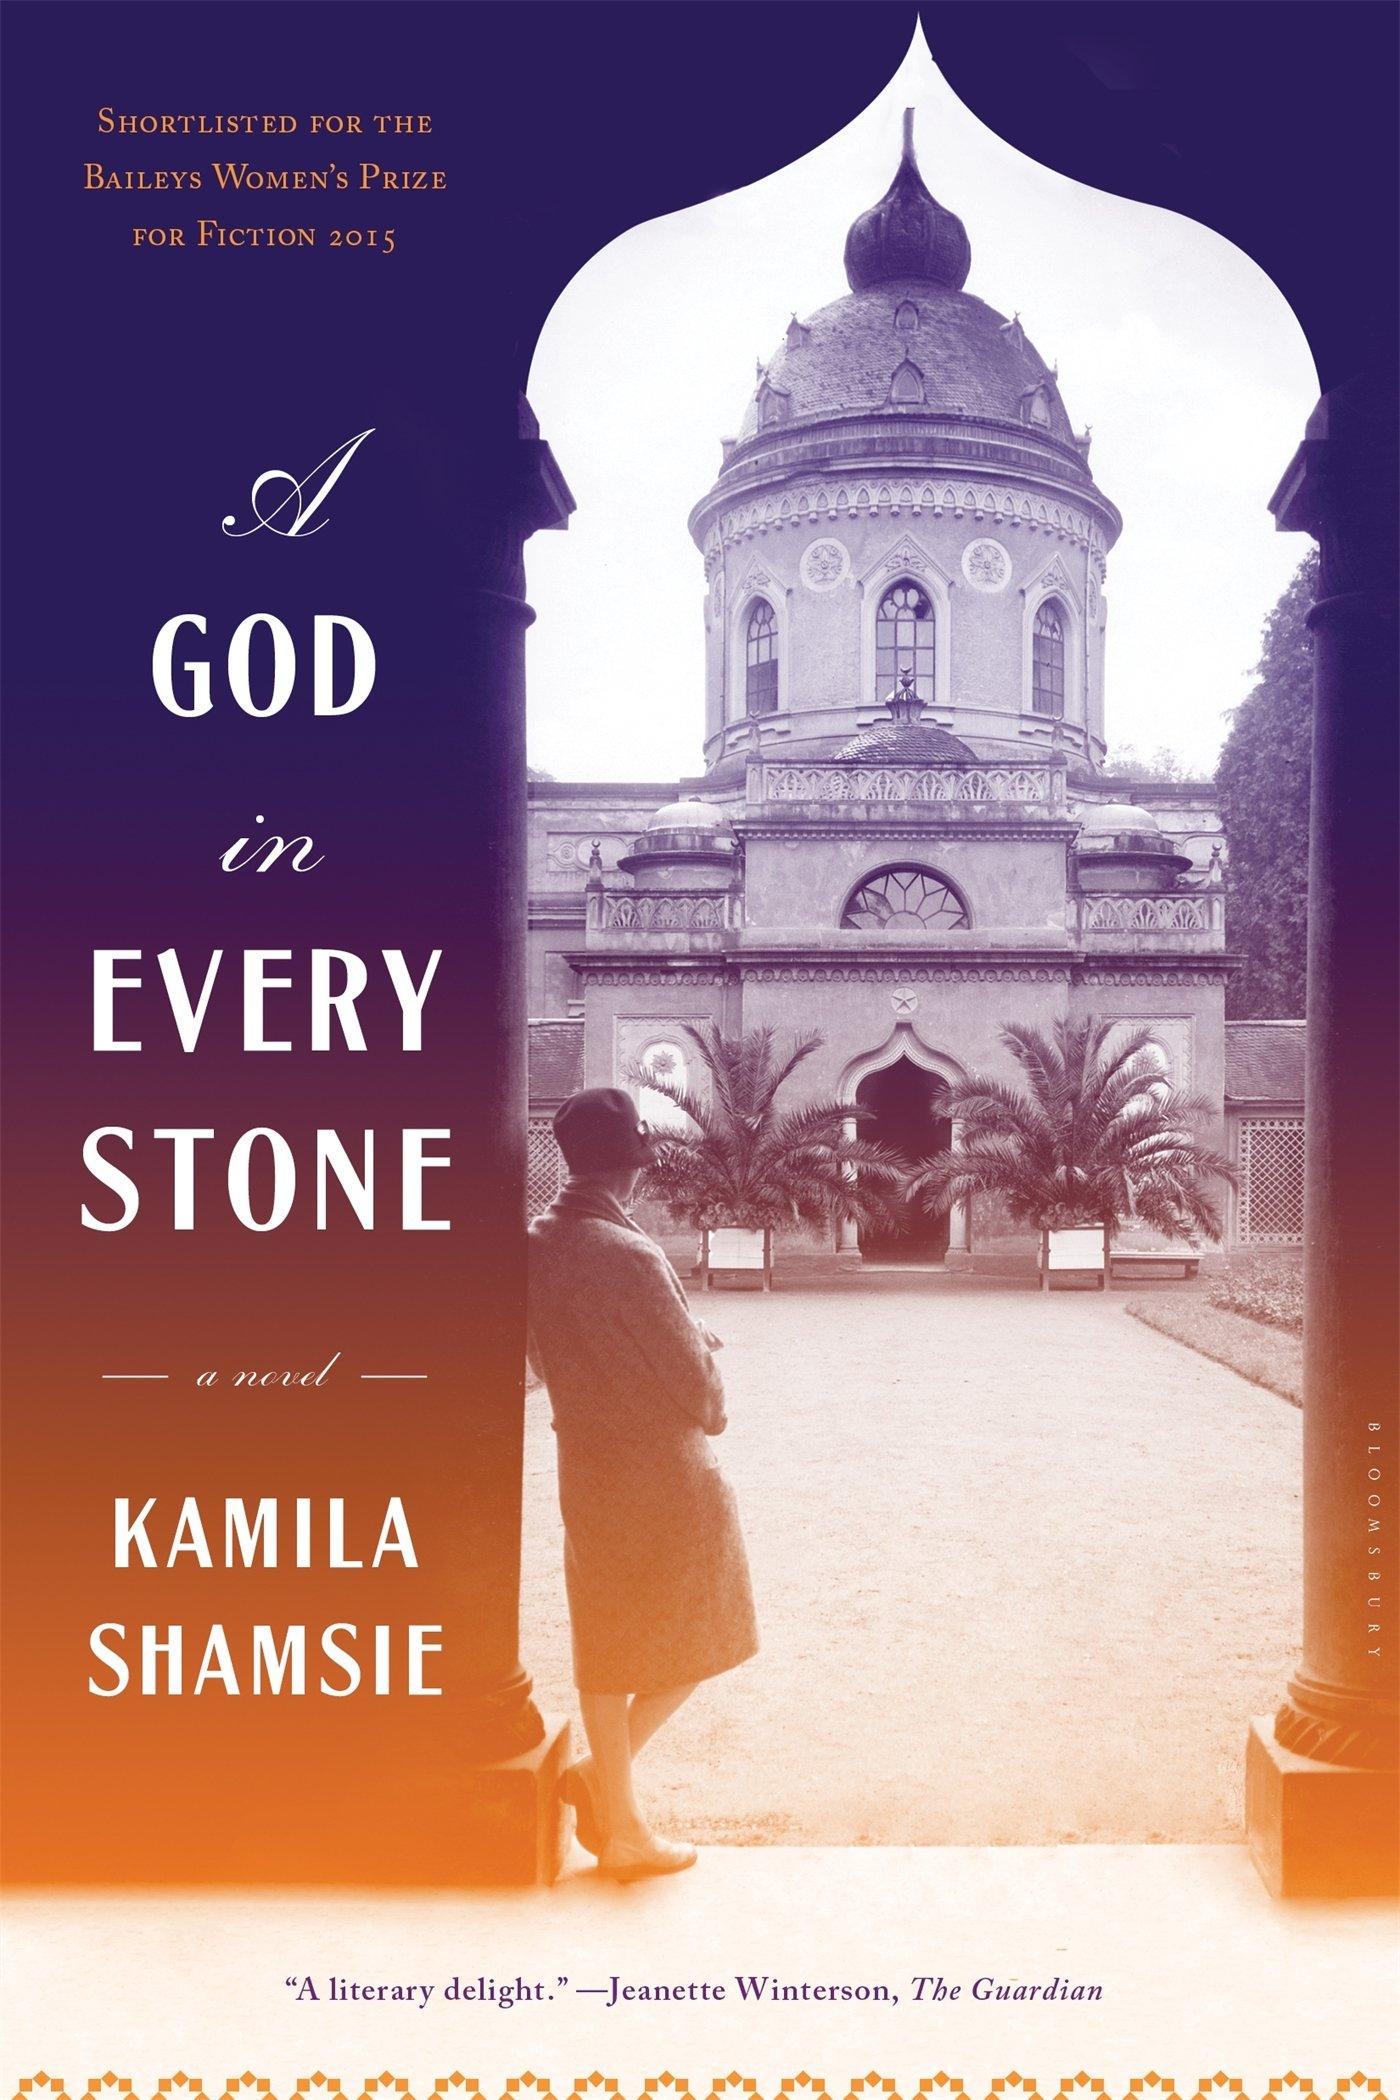 God Every Stone Shortlisted Baileys product image